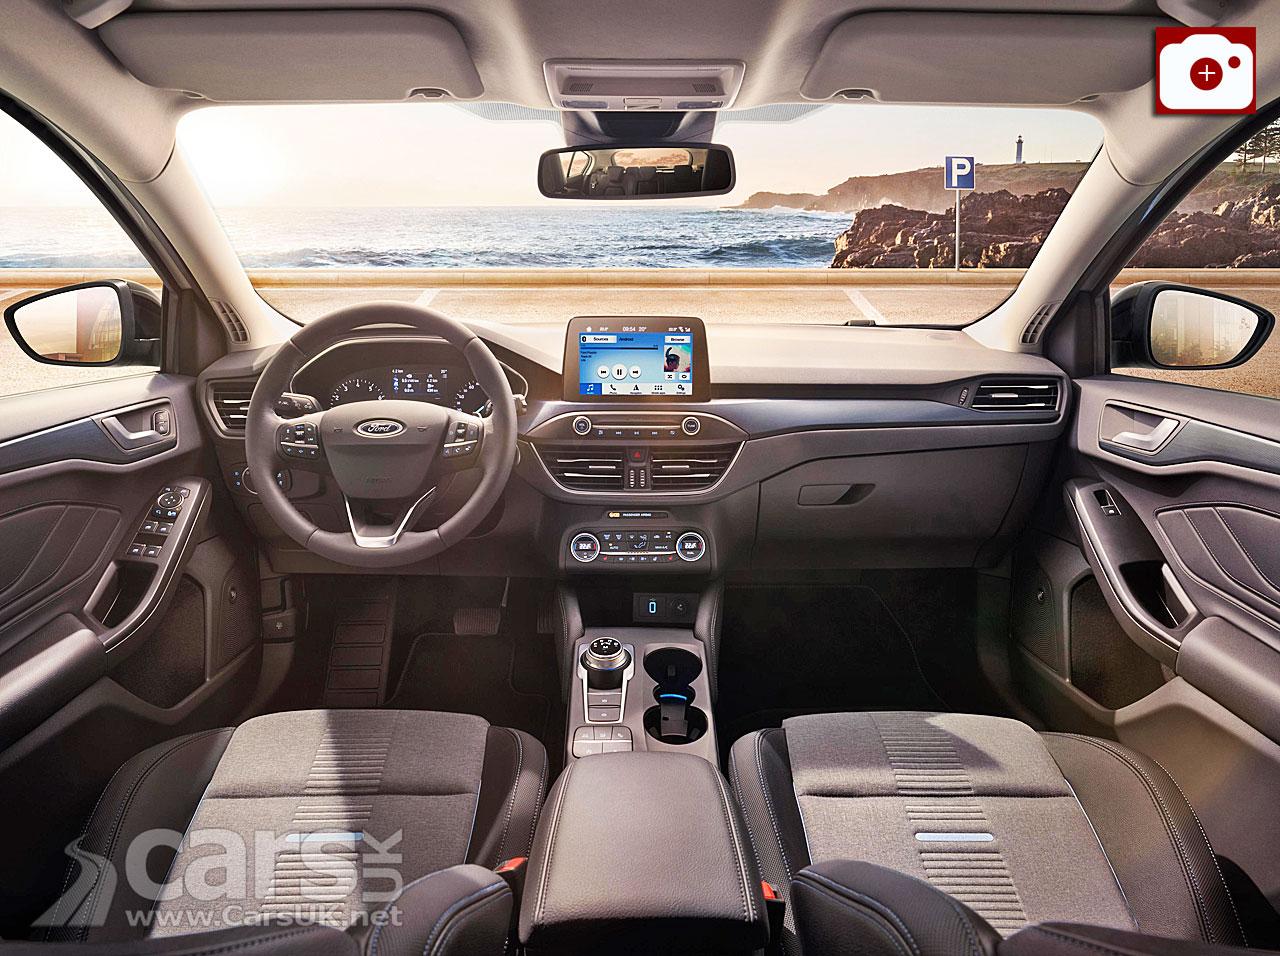 2018 Ford Focus Interior